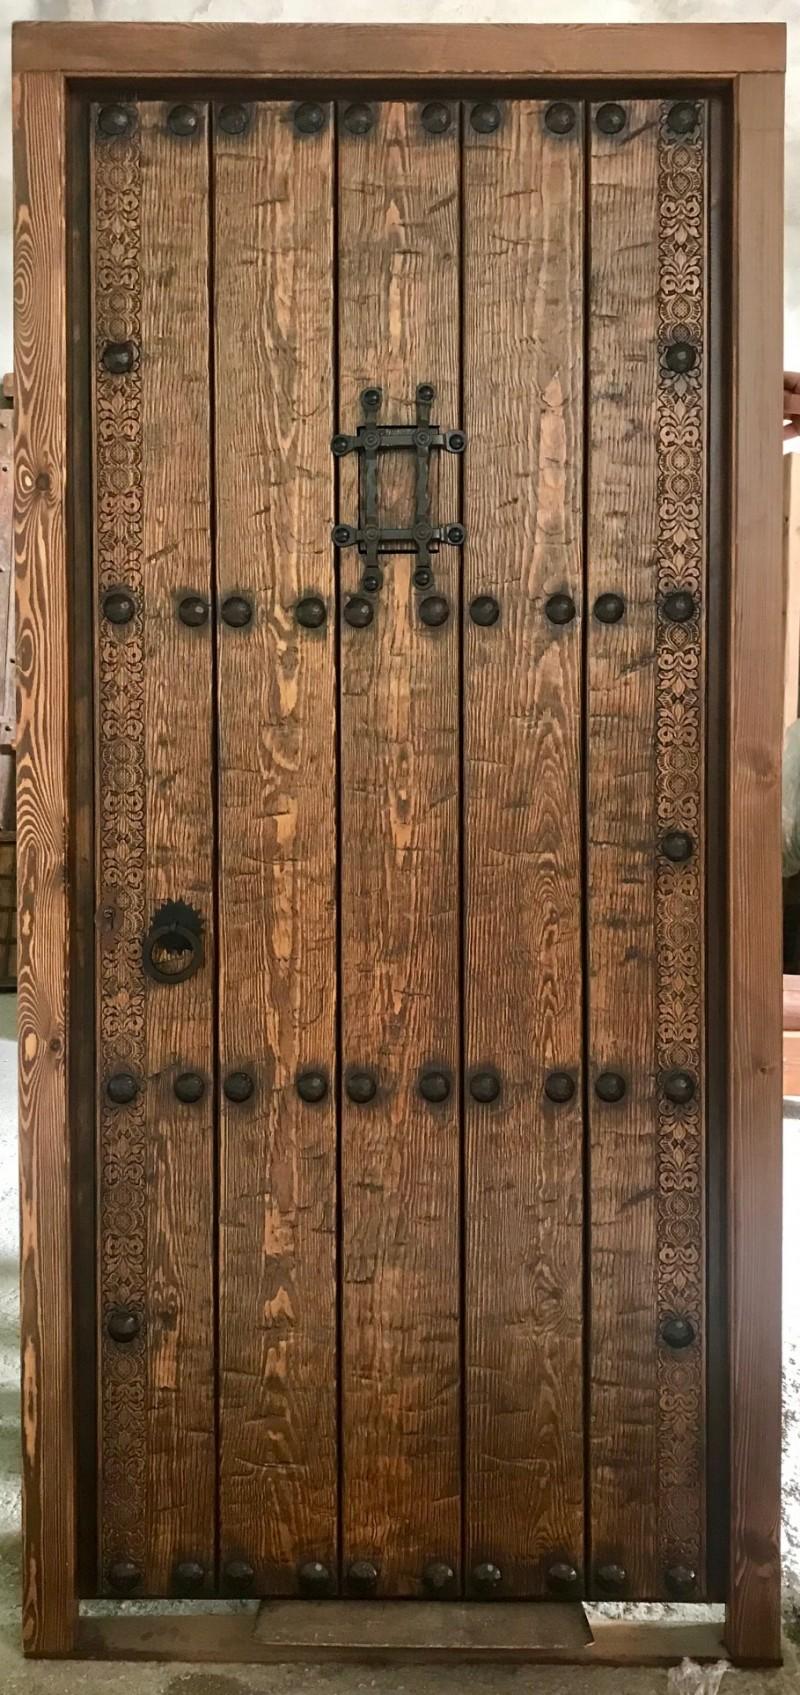 Medidas: 1.04 cm ancho x 2.16 cm alto. Con cerradura de seguridad, madera maciza de pino rojo. Apertura a derechas